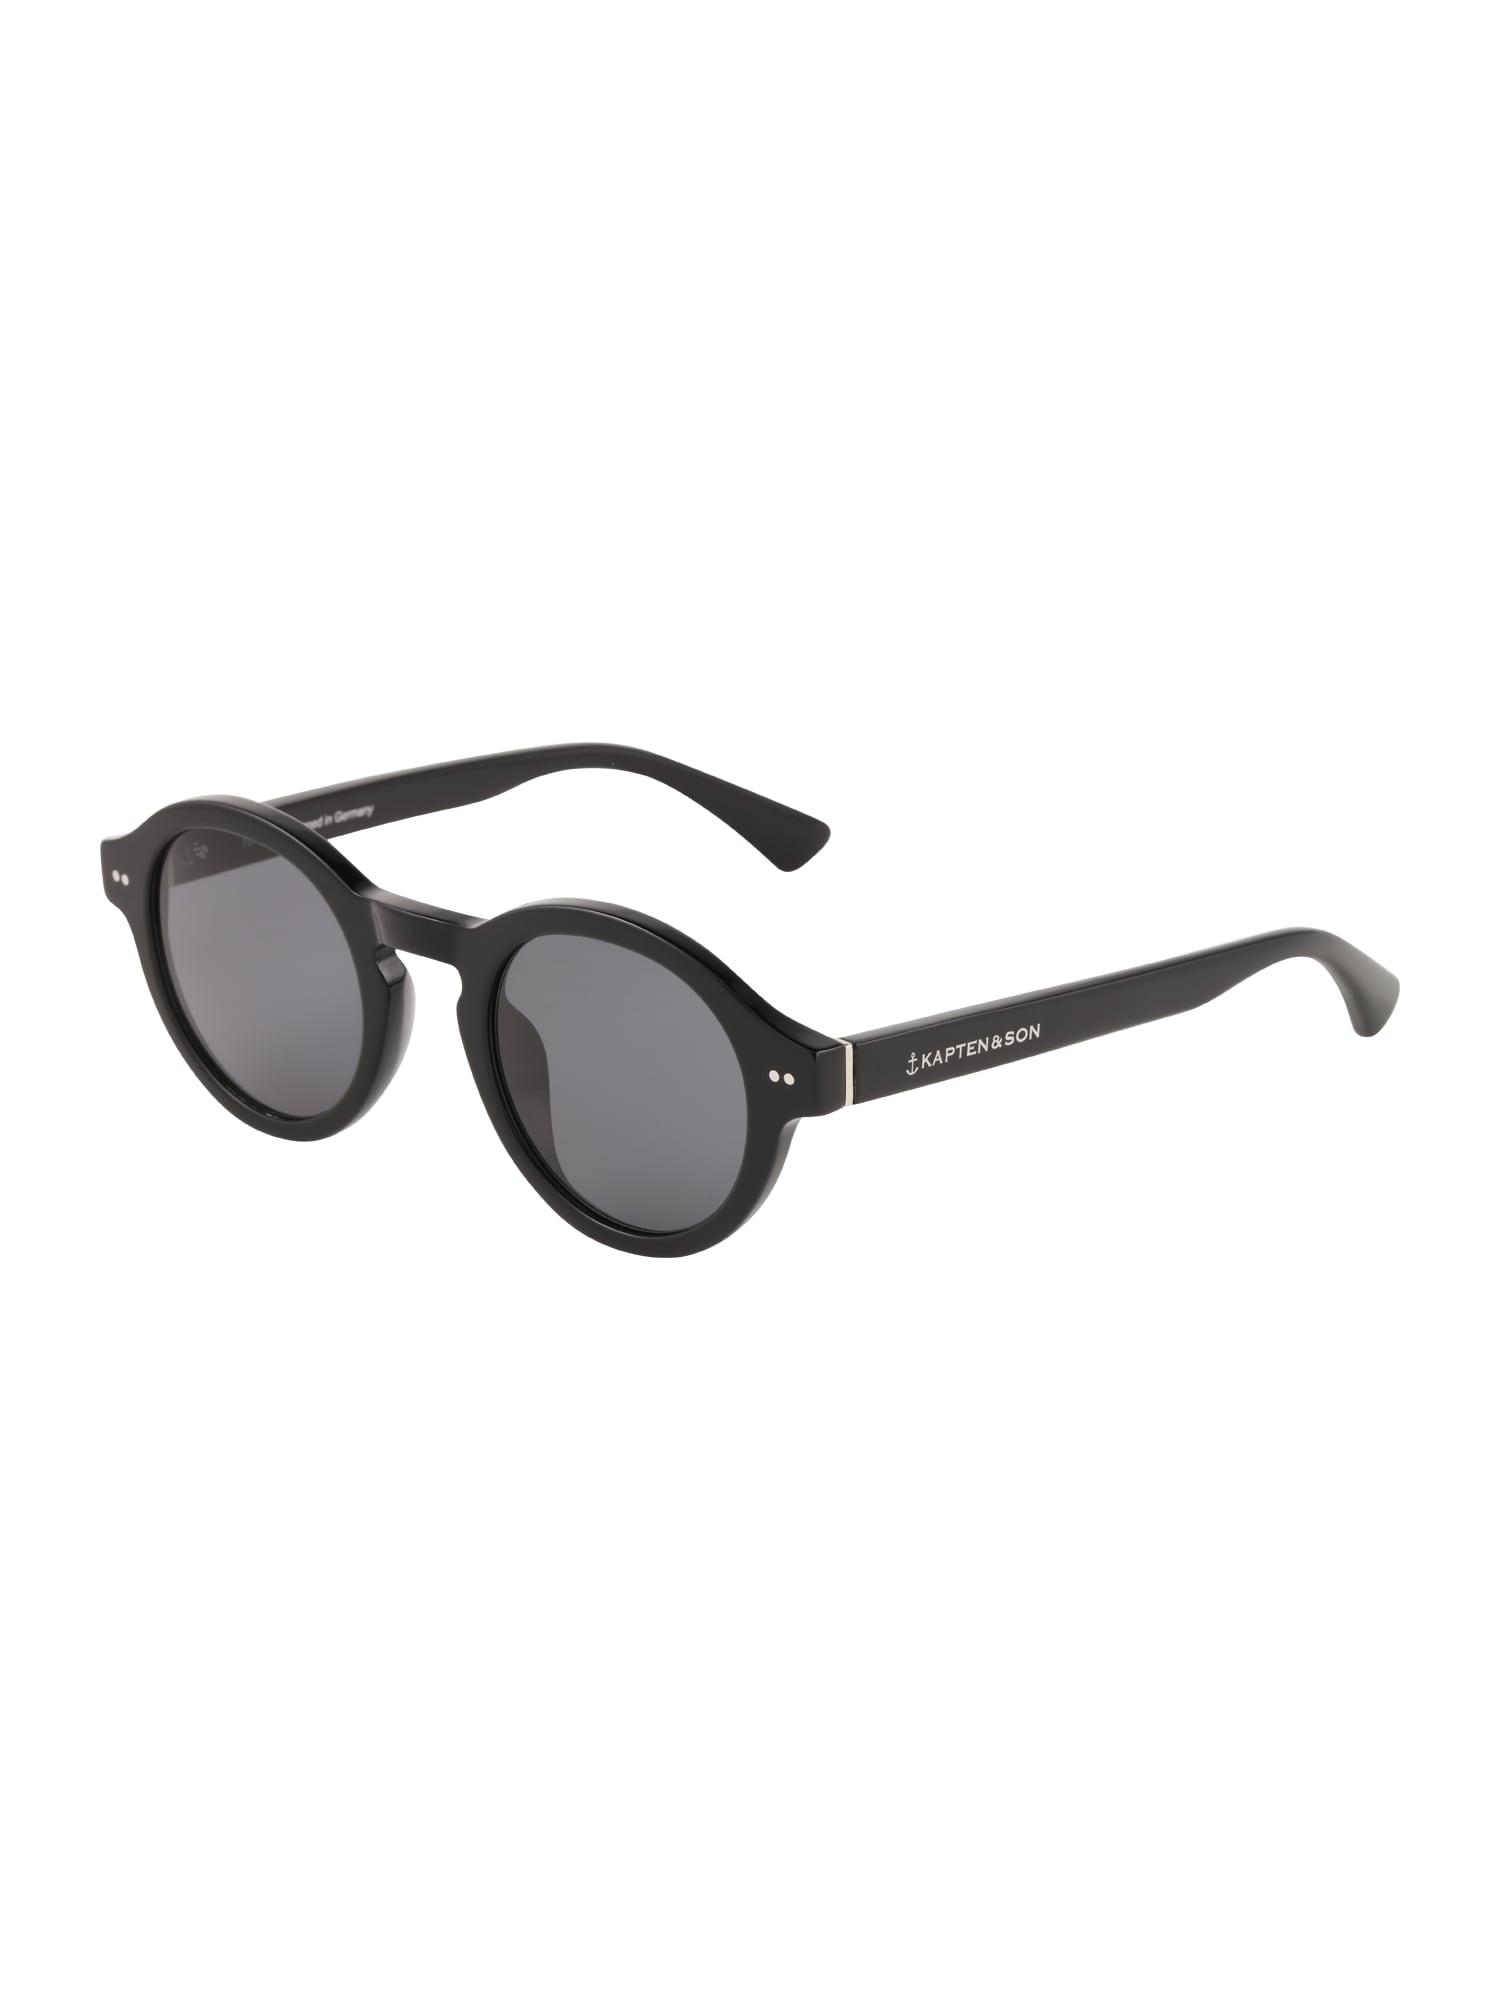 Sluneční brýle Tokyo černá Kapten & Son